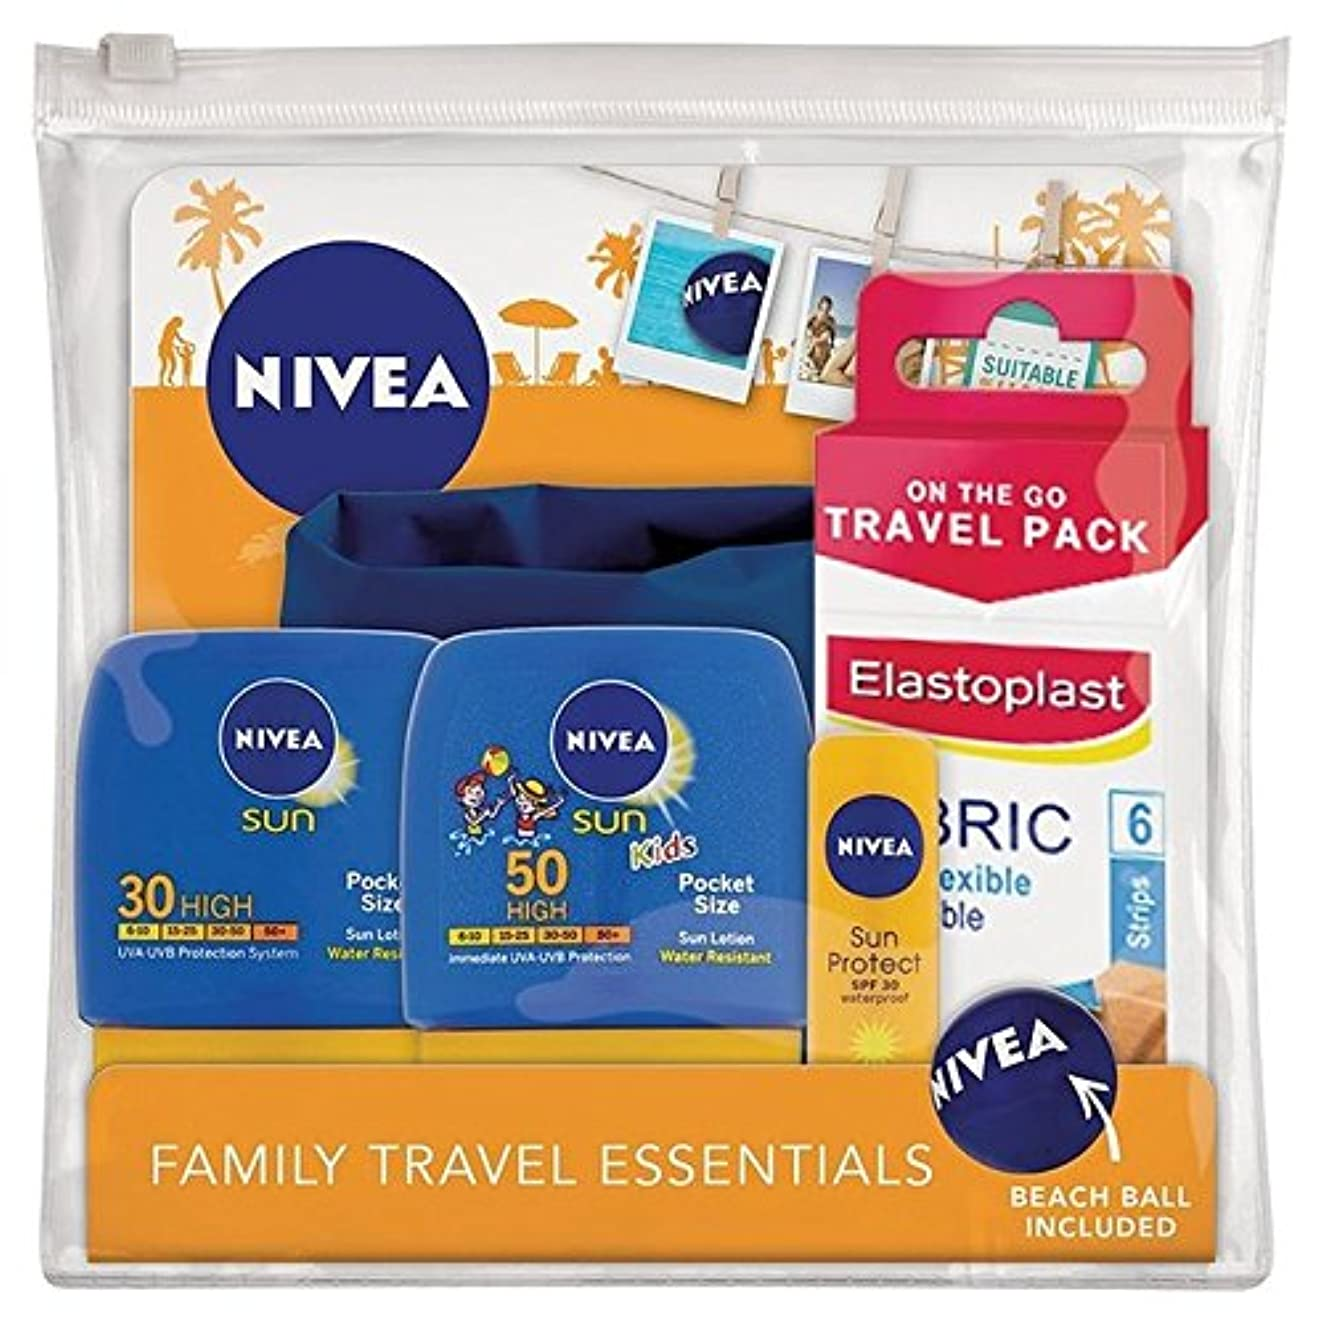 不透明な州マウントバンクニベア日旅行パック x4 - Nivea Sun Travel Pack (Pack of 4) [並行輸入品]